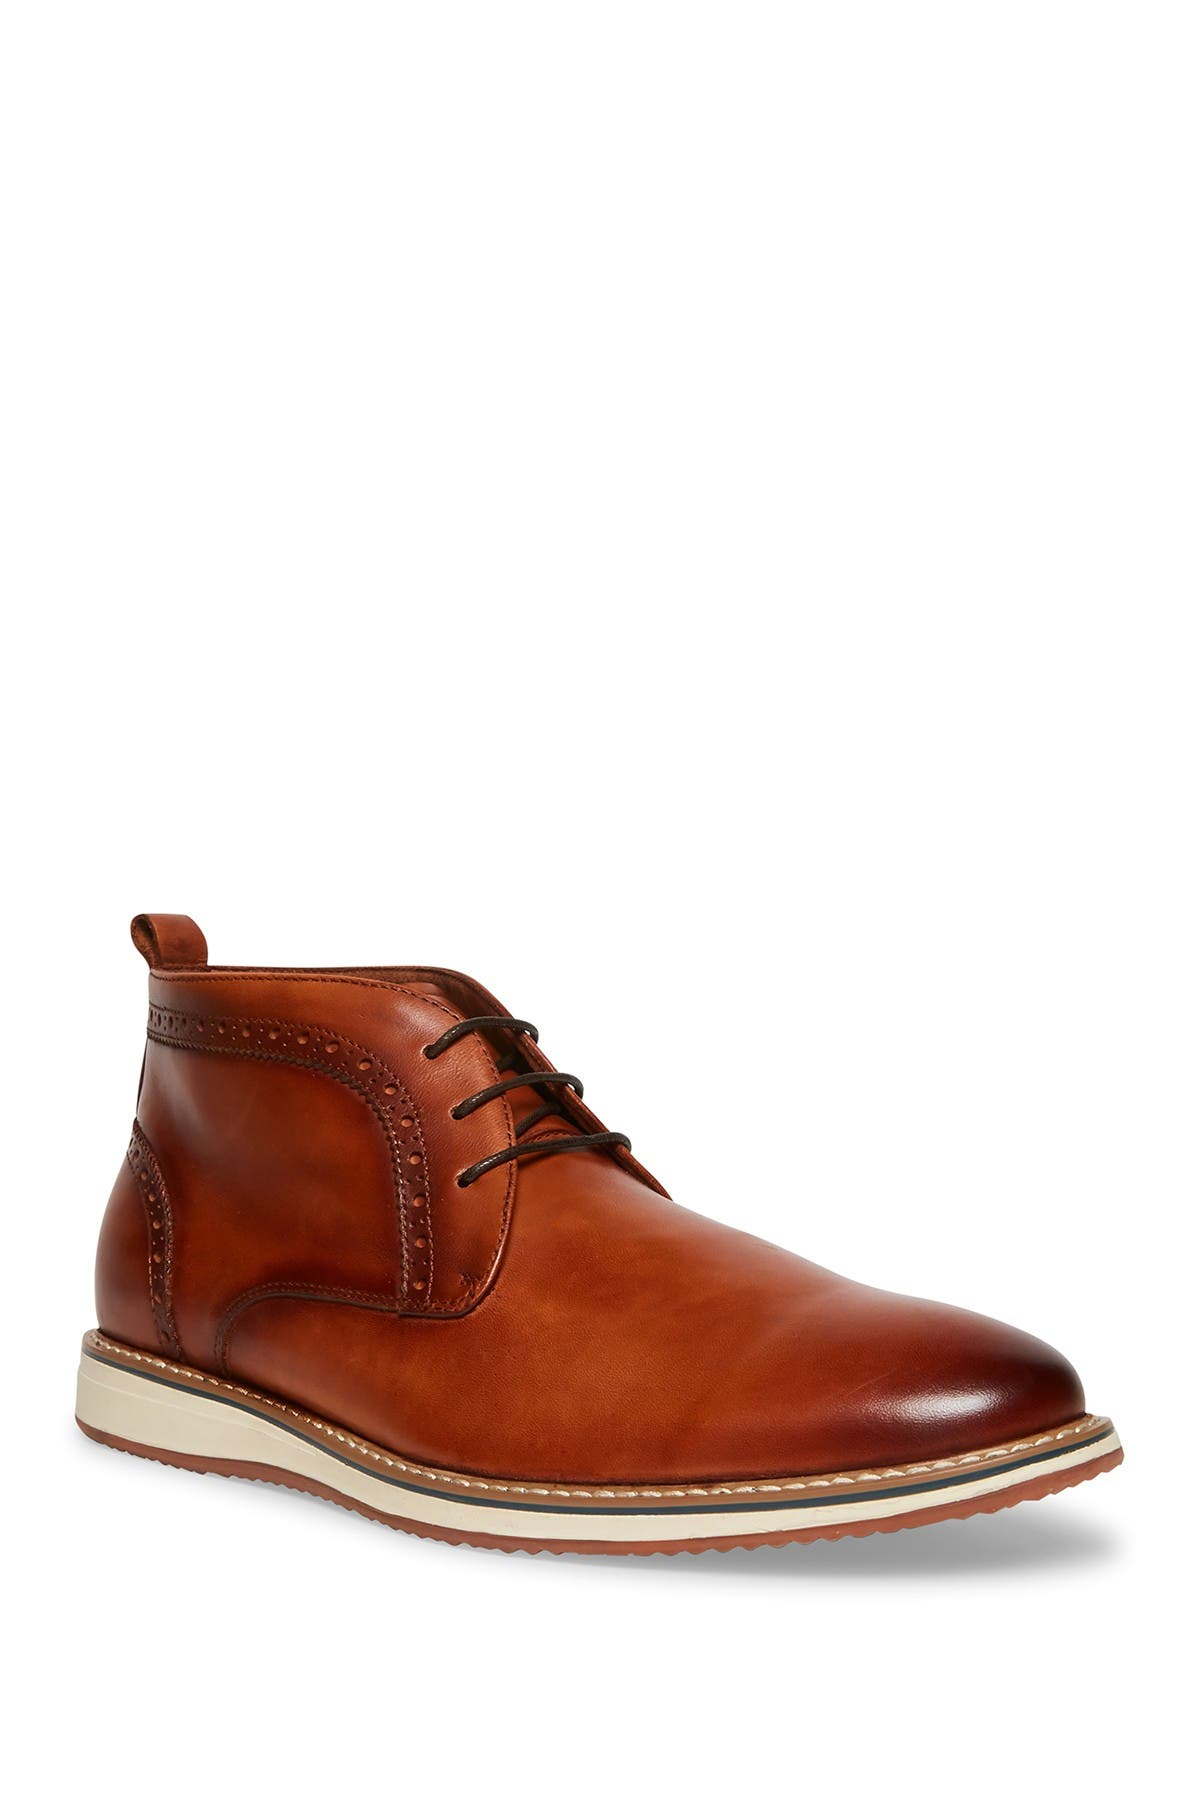 Image of Steve Madden Breemer Leather Chukka Boot